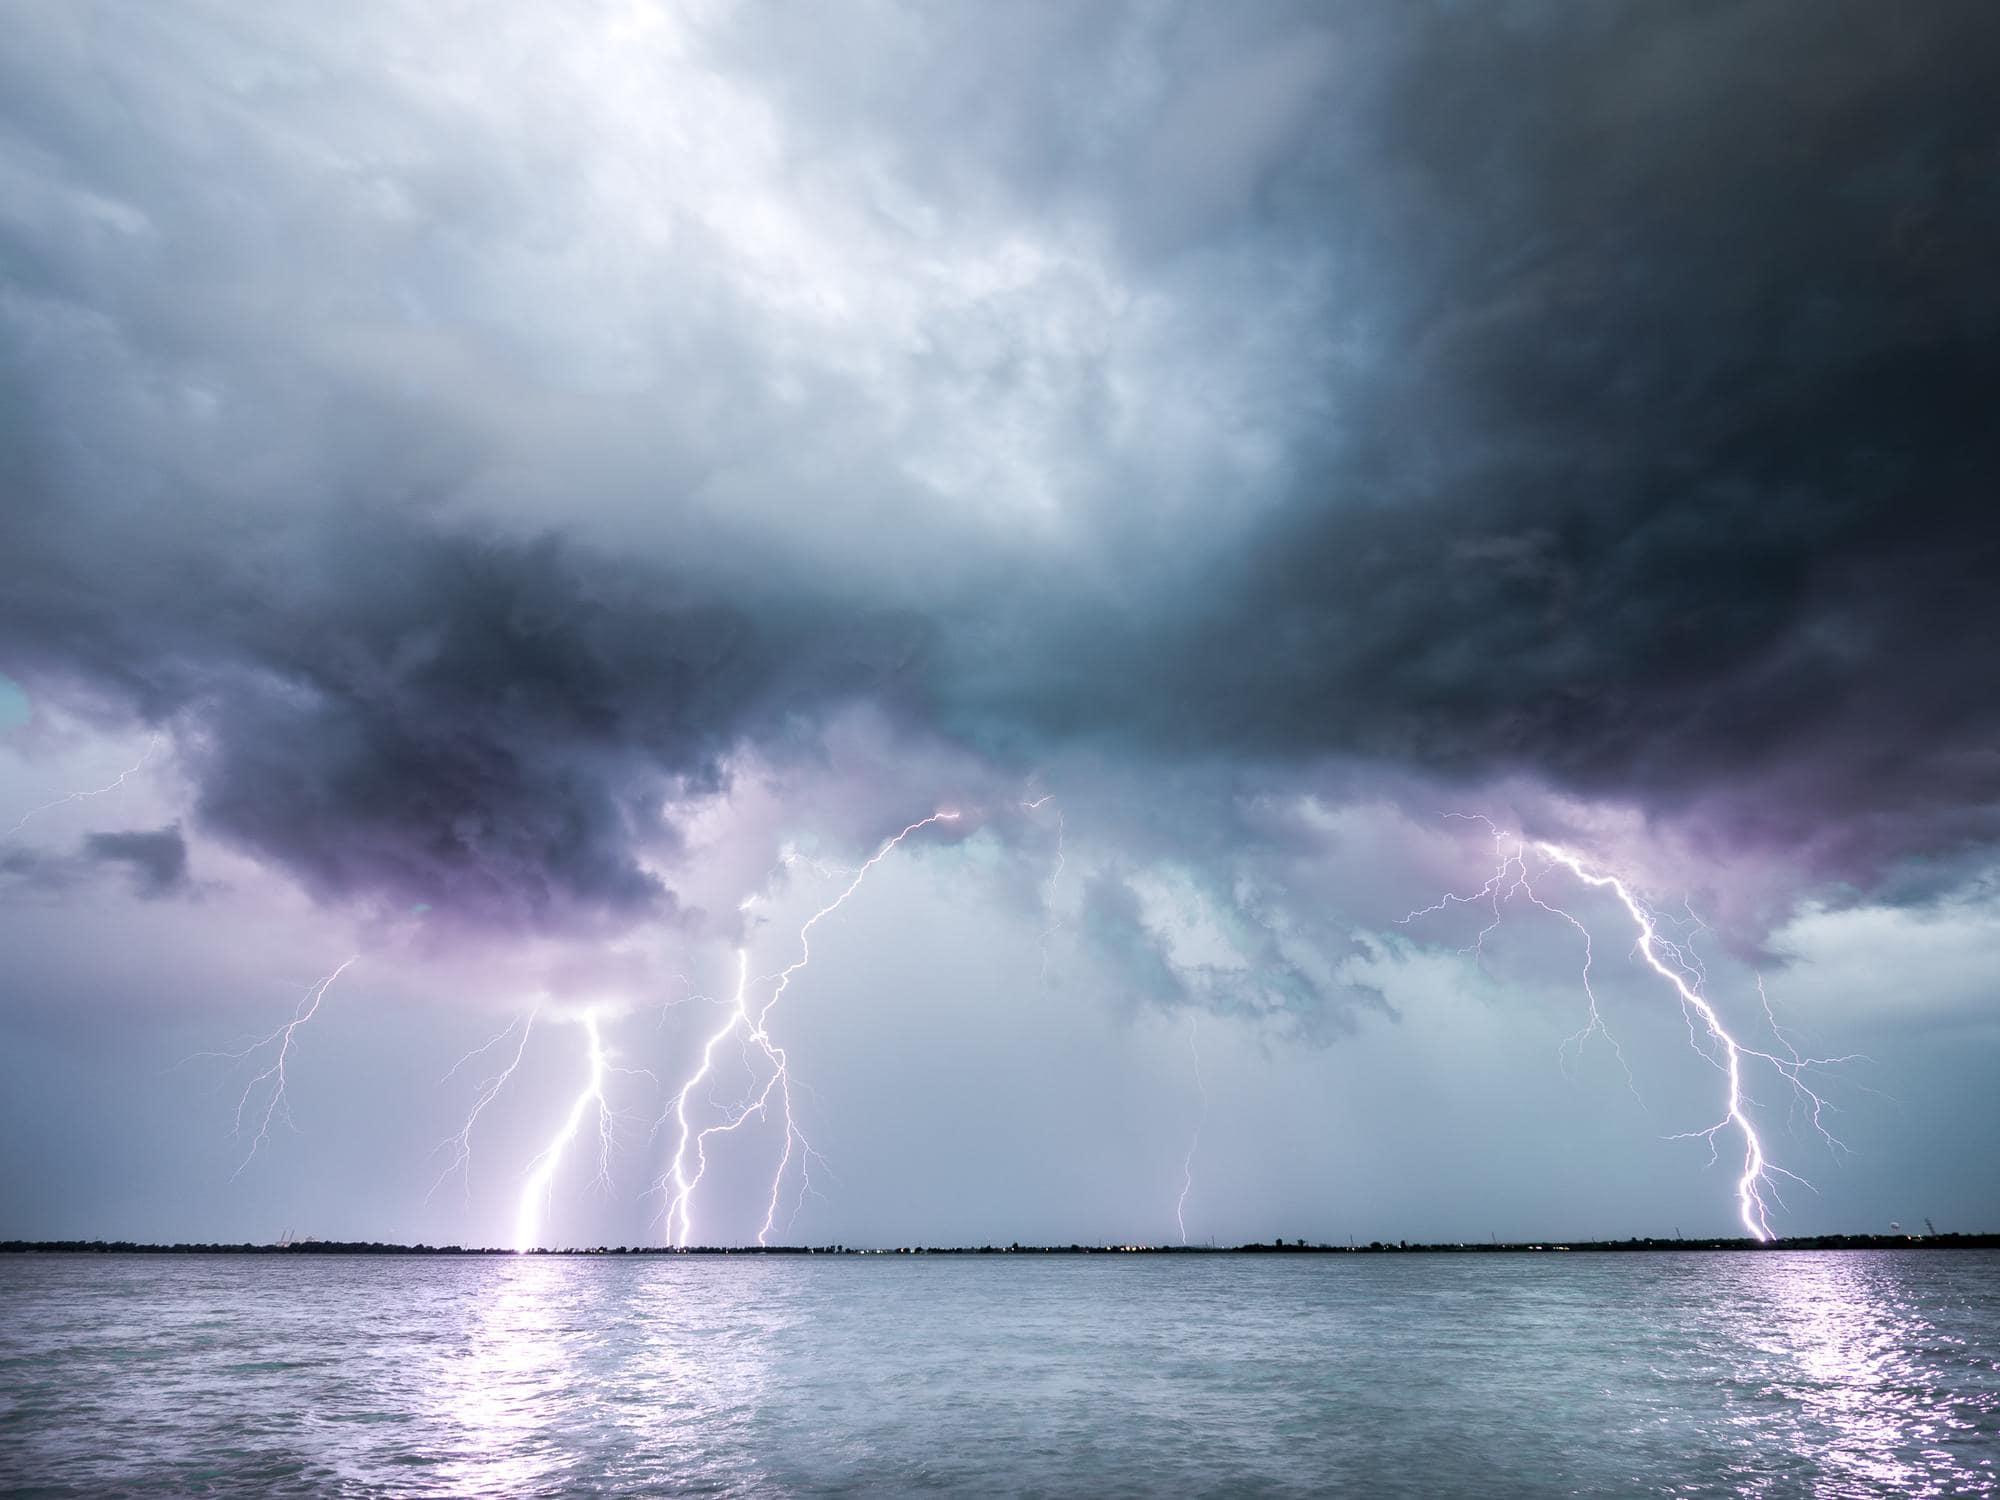 Gewitter über Wasser mit einschlagenden Blitzen